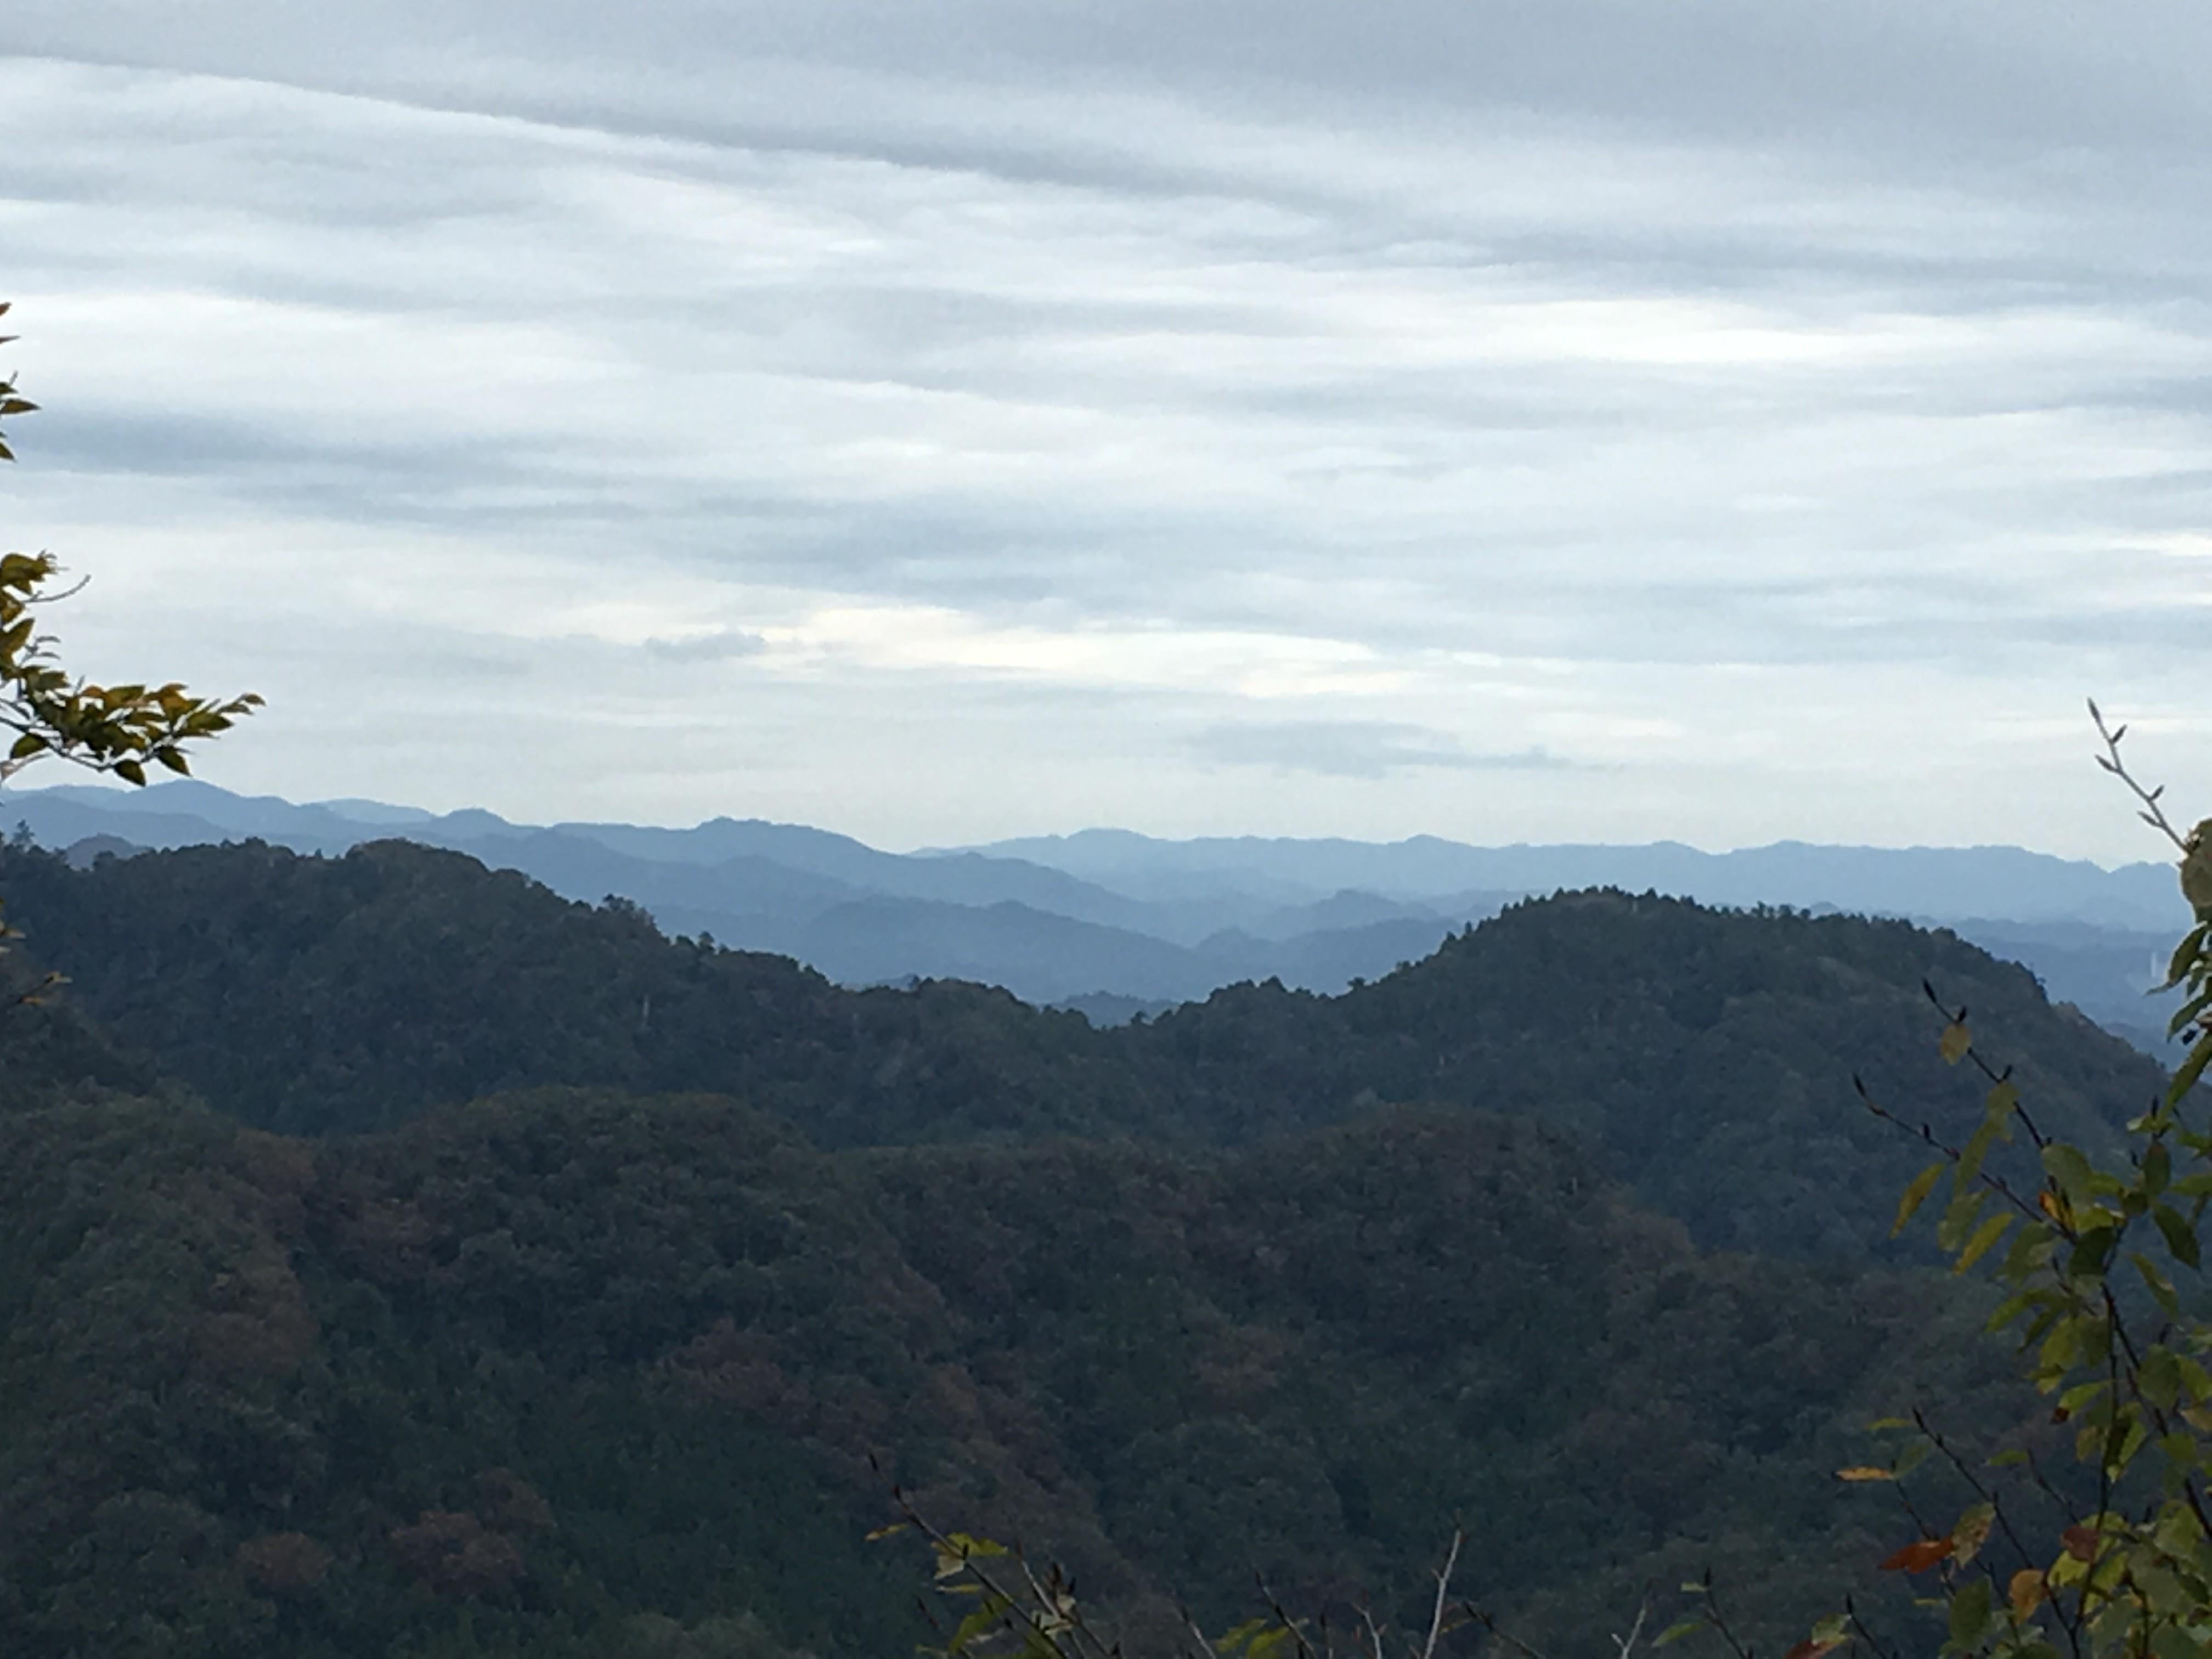 ケーブルカー高尾山駅(スタート)からの景観